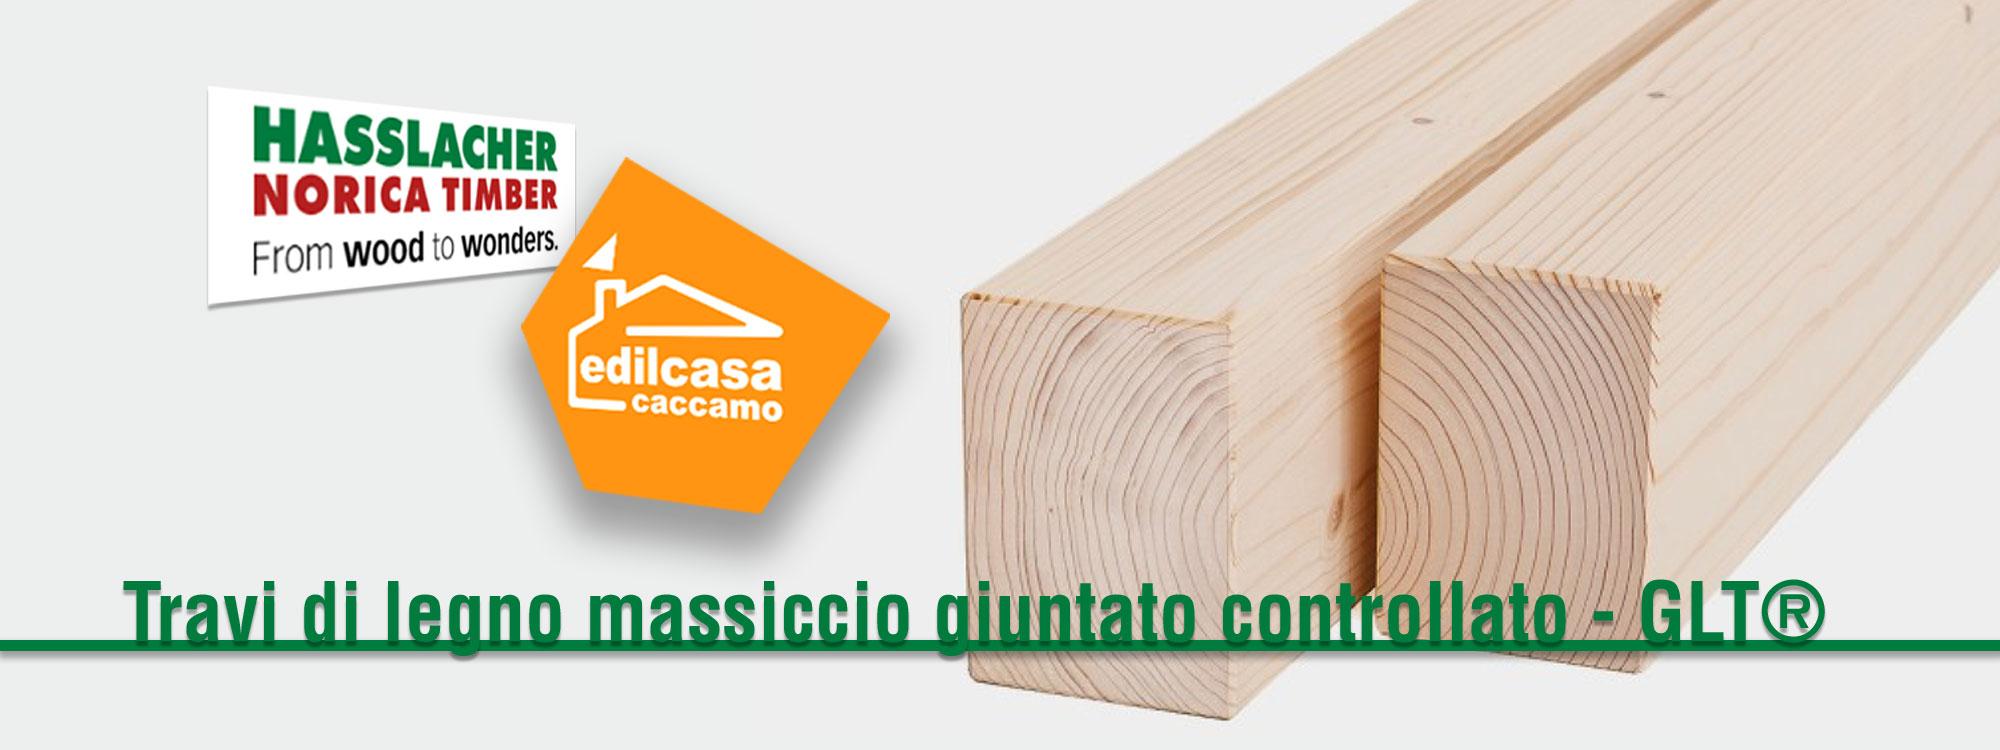 Dimensionamento Pergolato In Legno lavorazione legnami hasslacher norica timber | arredo bagno